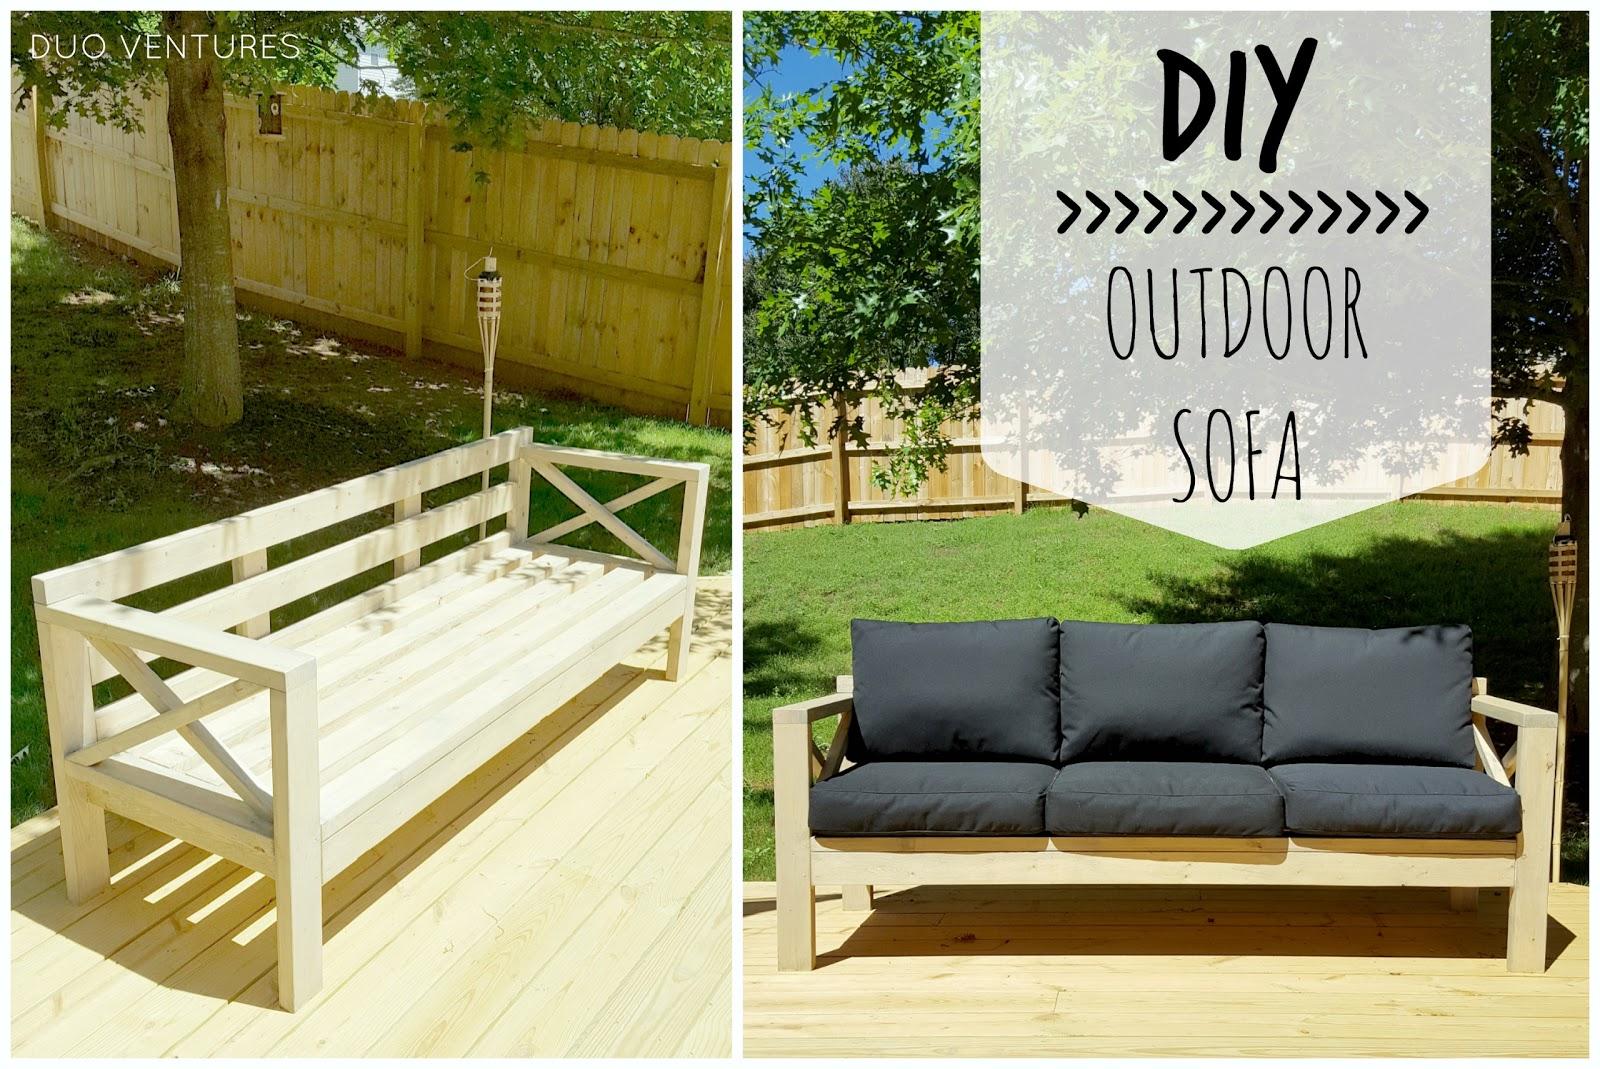 duo ventures diy outdoor wood sofas